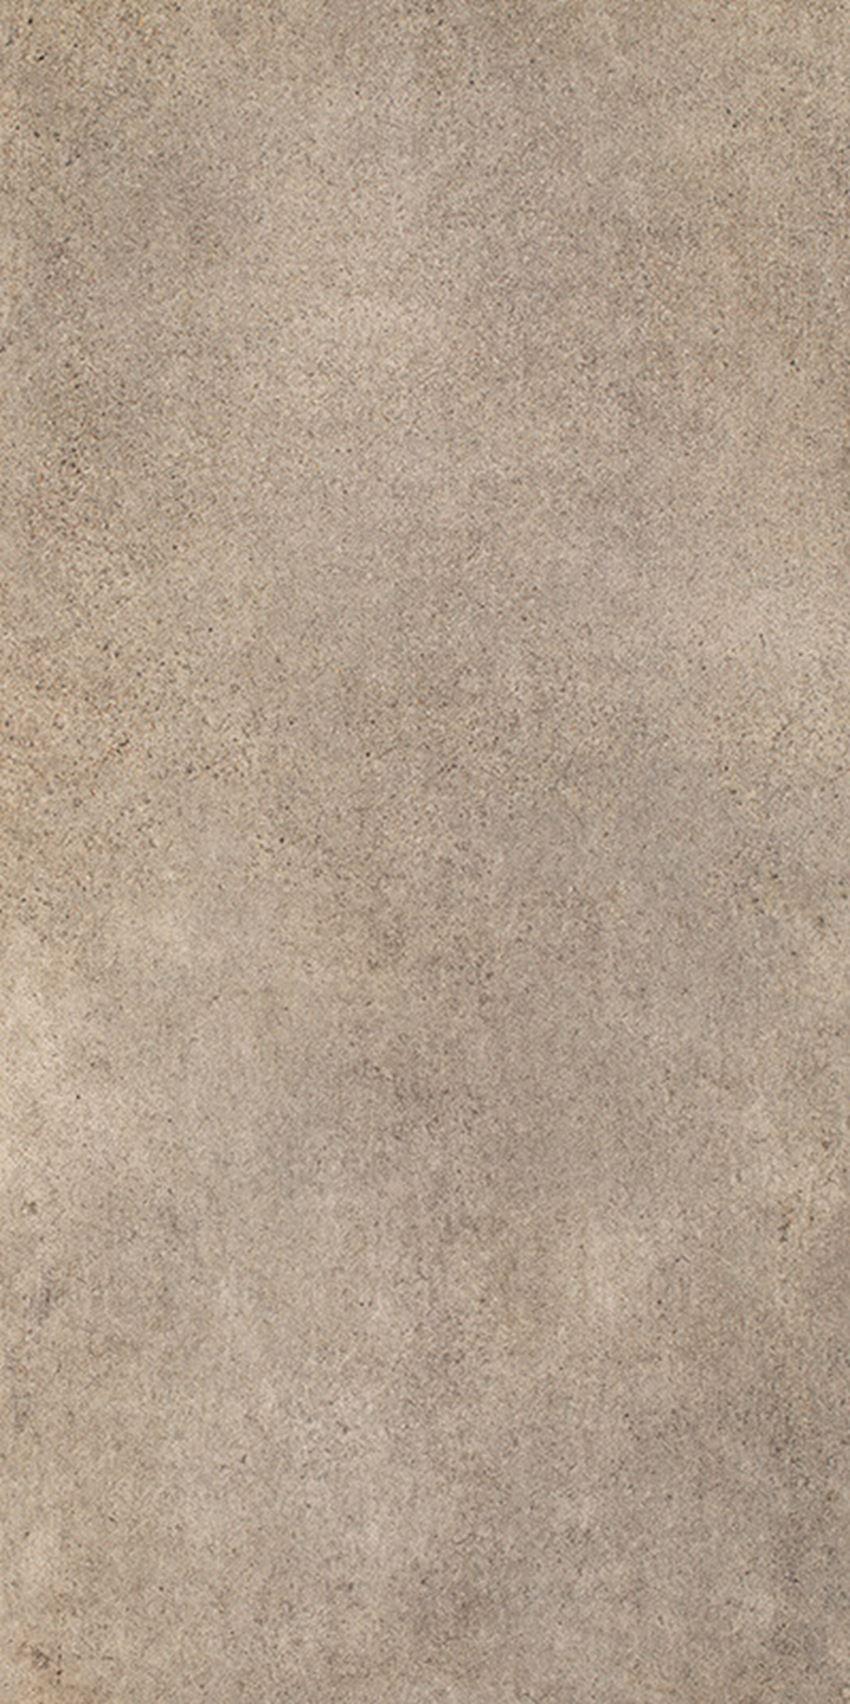 Płytka ścienno-podłogowa 59,8x119,8 cm Paradyż Riversand Umbra Gres Szkl. Rekt. Półpoler